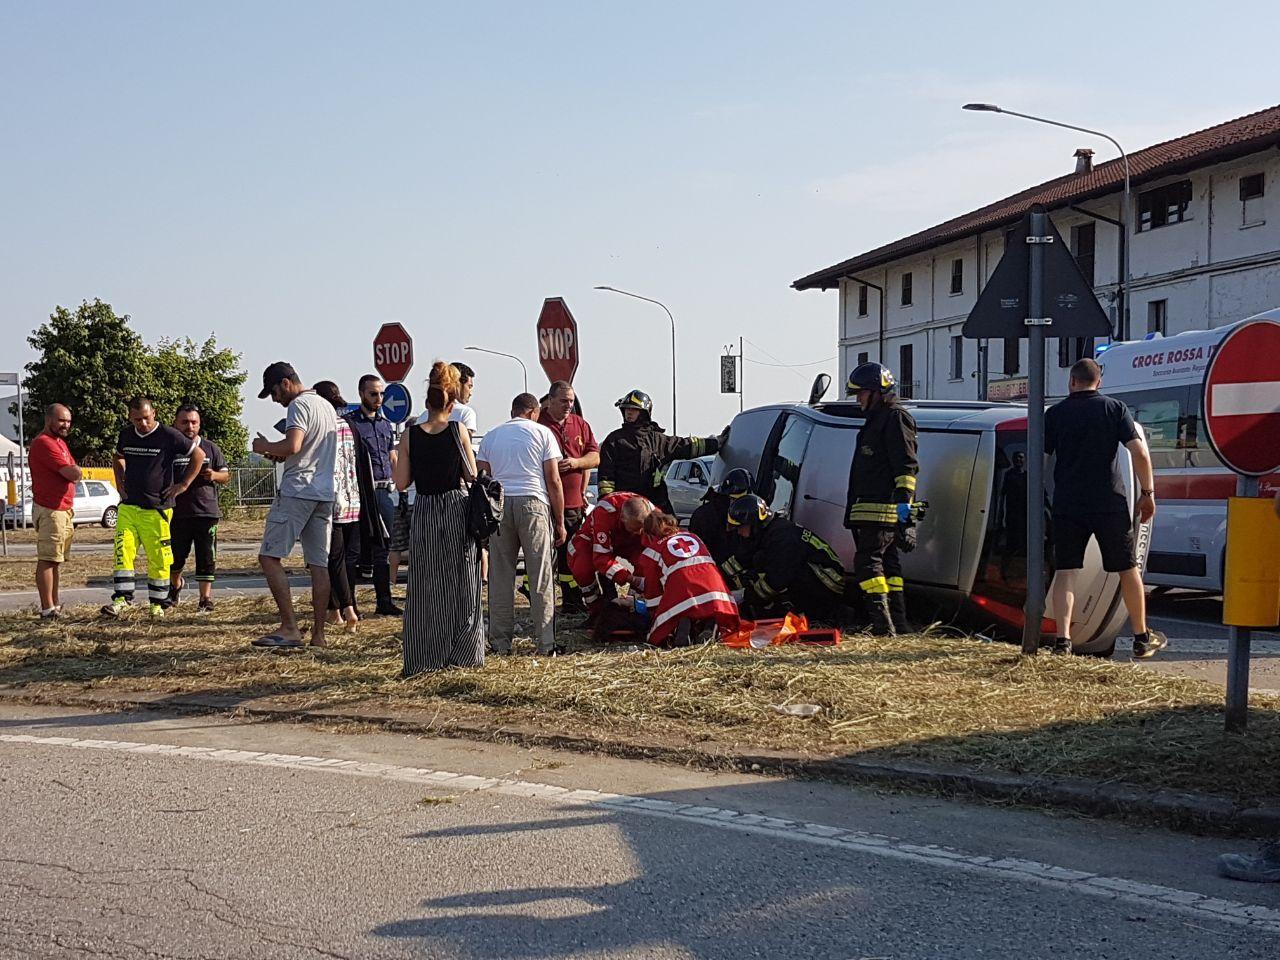 BOSCONERO - Ennesimo incidente alla borgata Vittoria sulla ex460